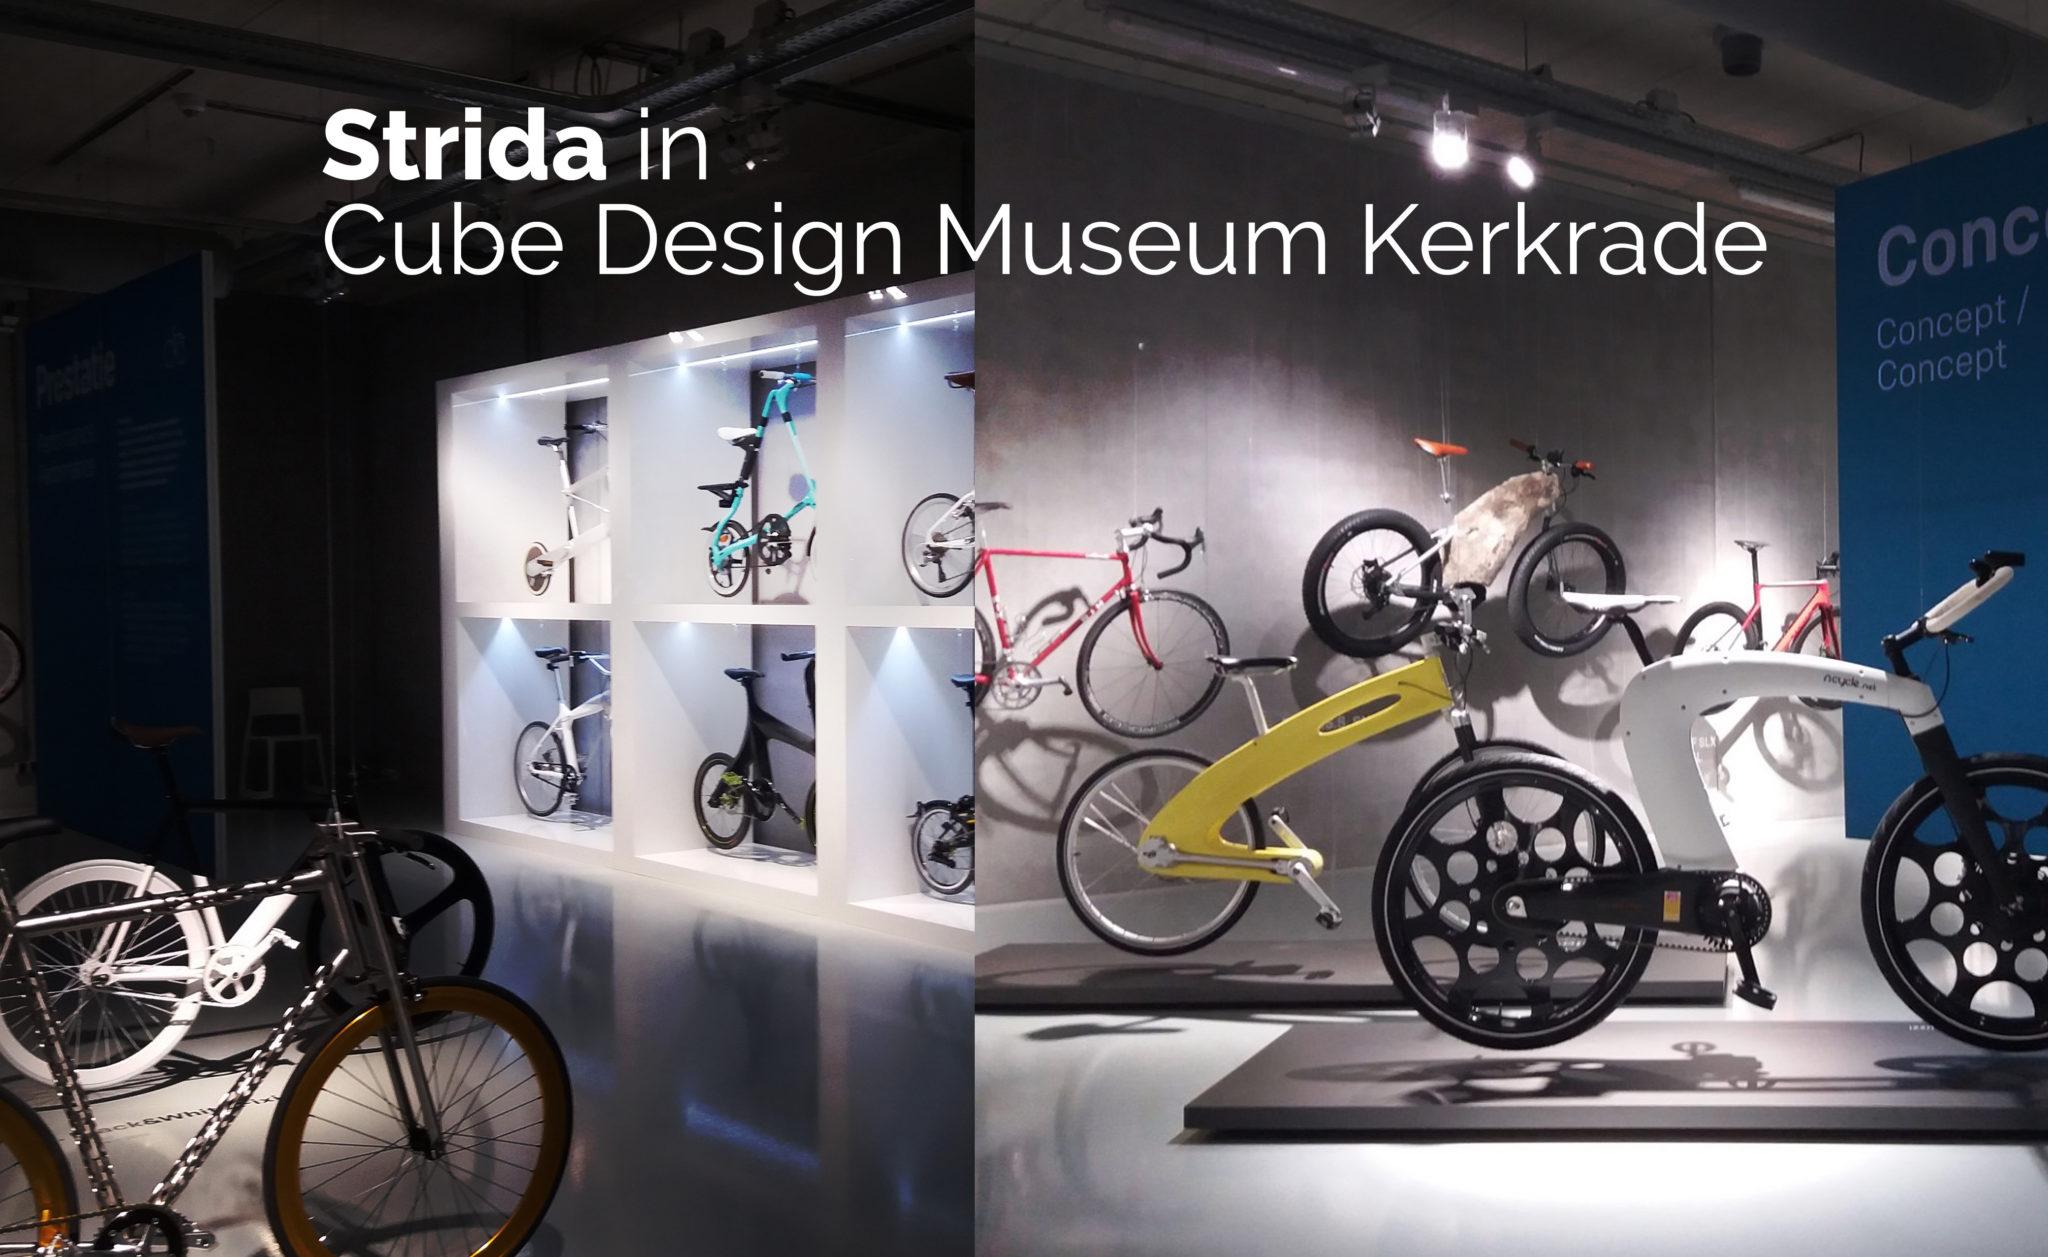 Aanrader! Fiets ontwerp tentoonstelling in Cube Design Museum (Met natuurlijk Strida.)